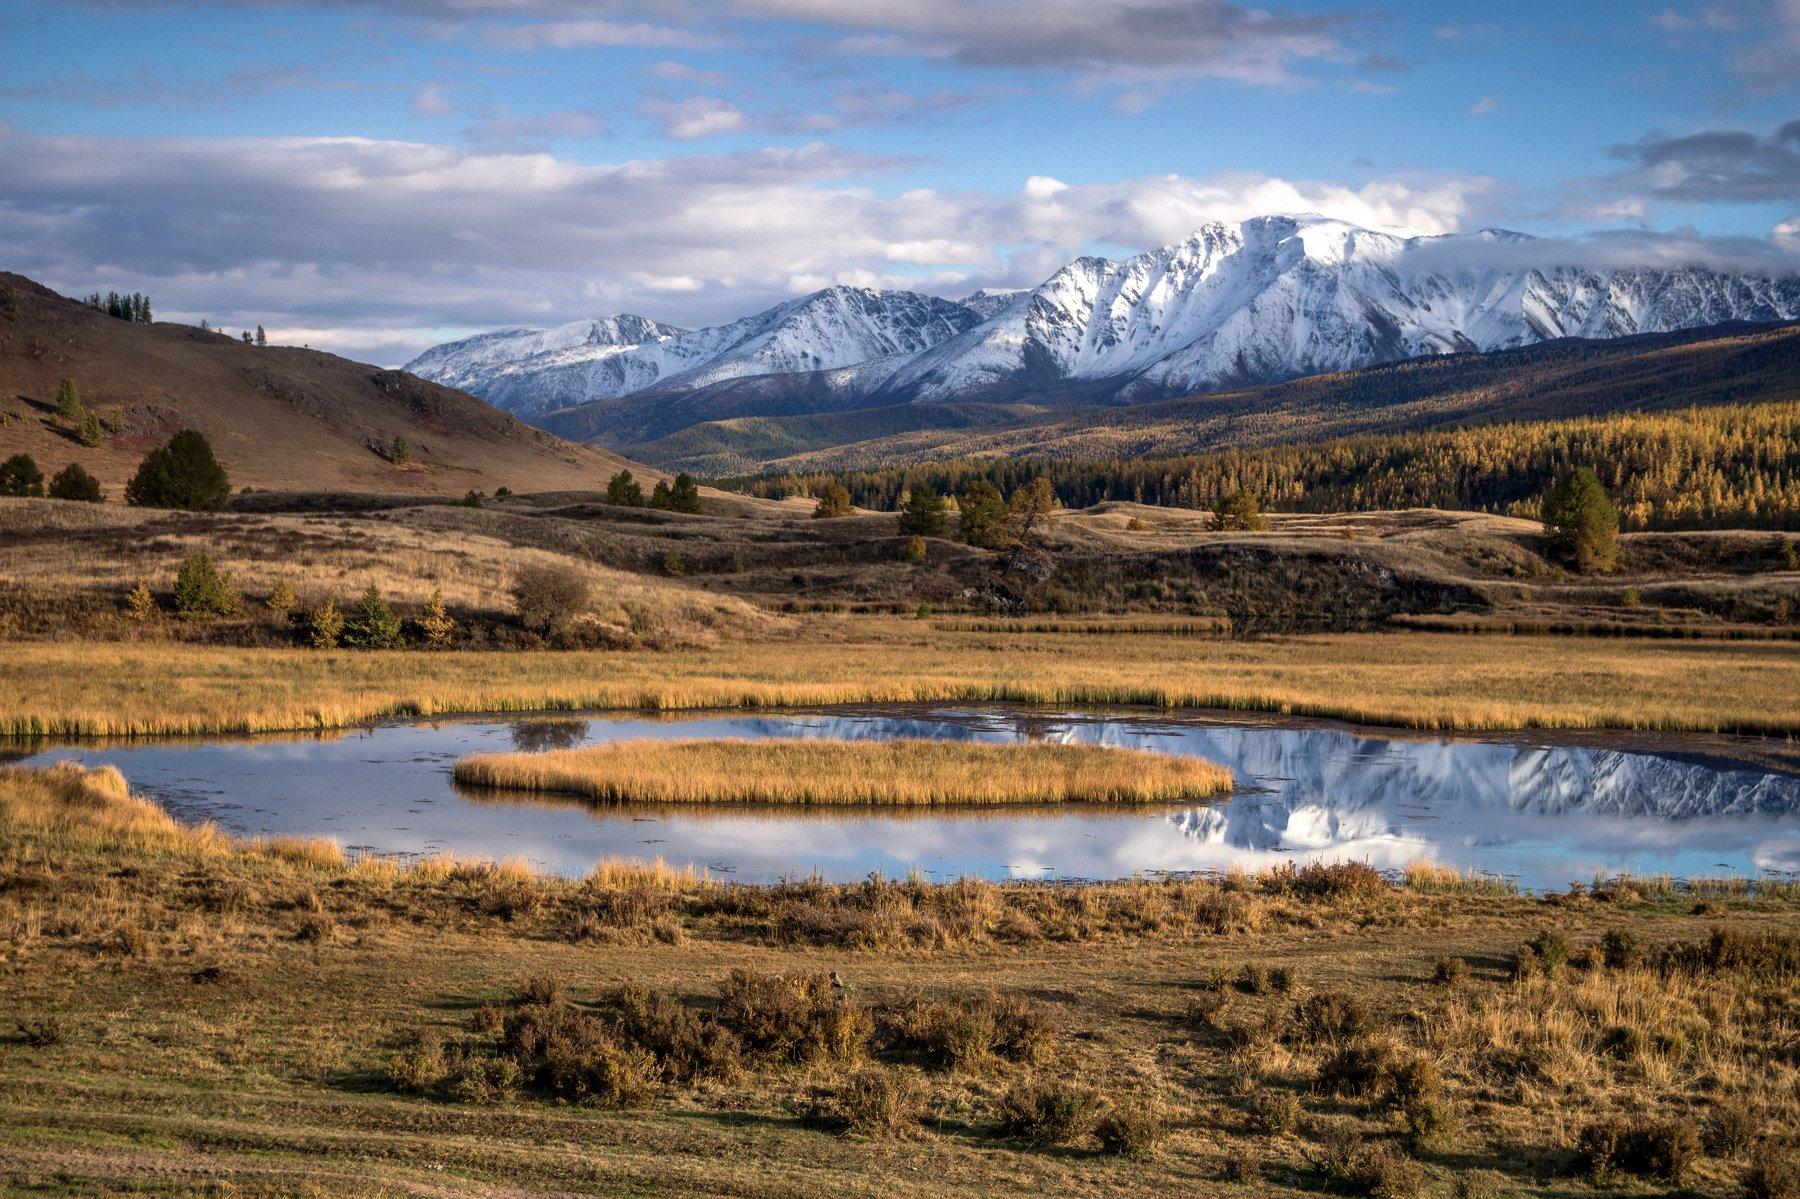 природа  алтай  горы пейзаж путешествие осень тени северо-чуйский хребет отражение озеро джангысколь, Людмила